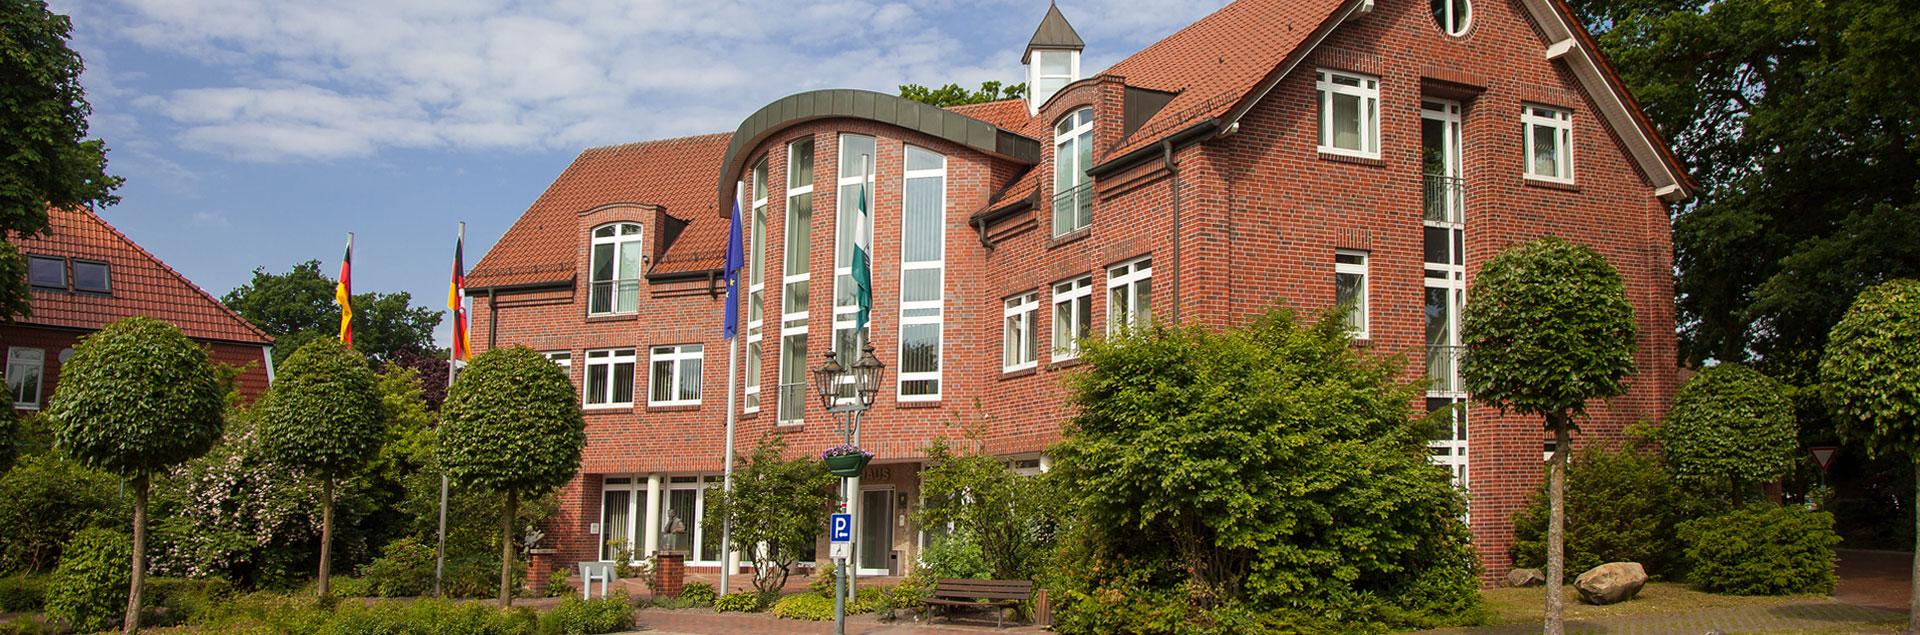 Gemeinde Lindern Banner Rathaus